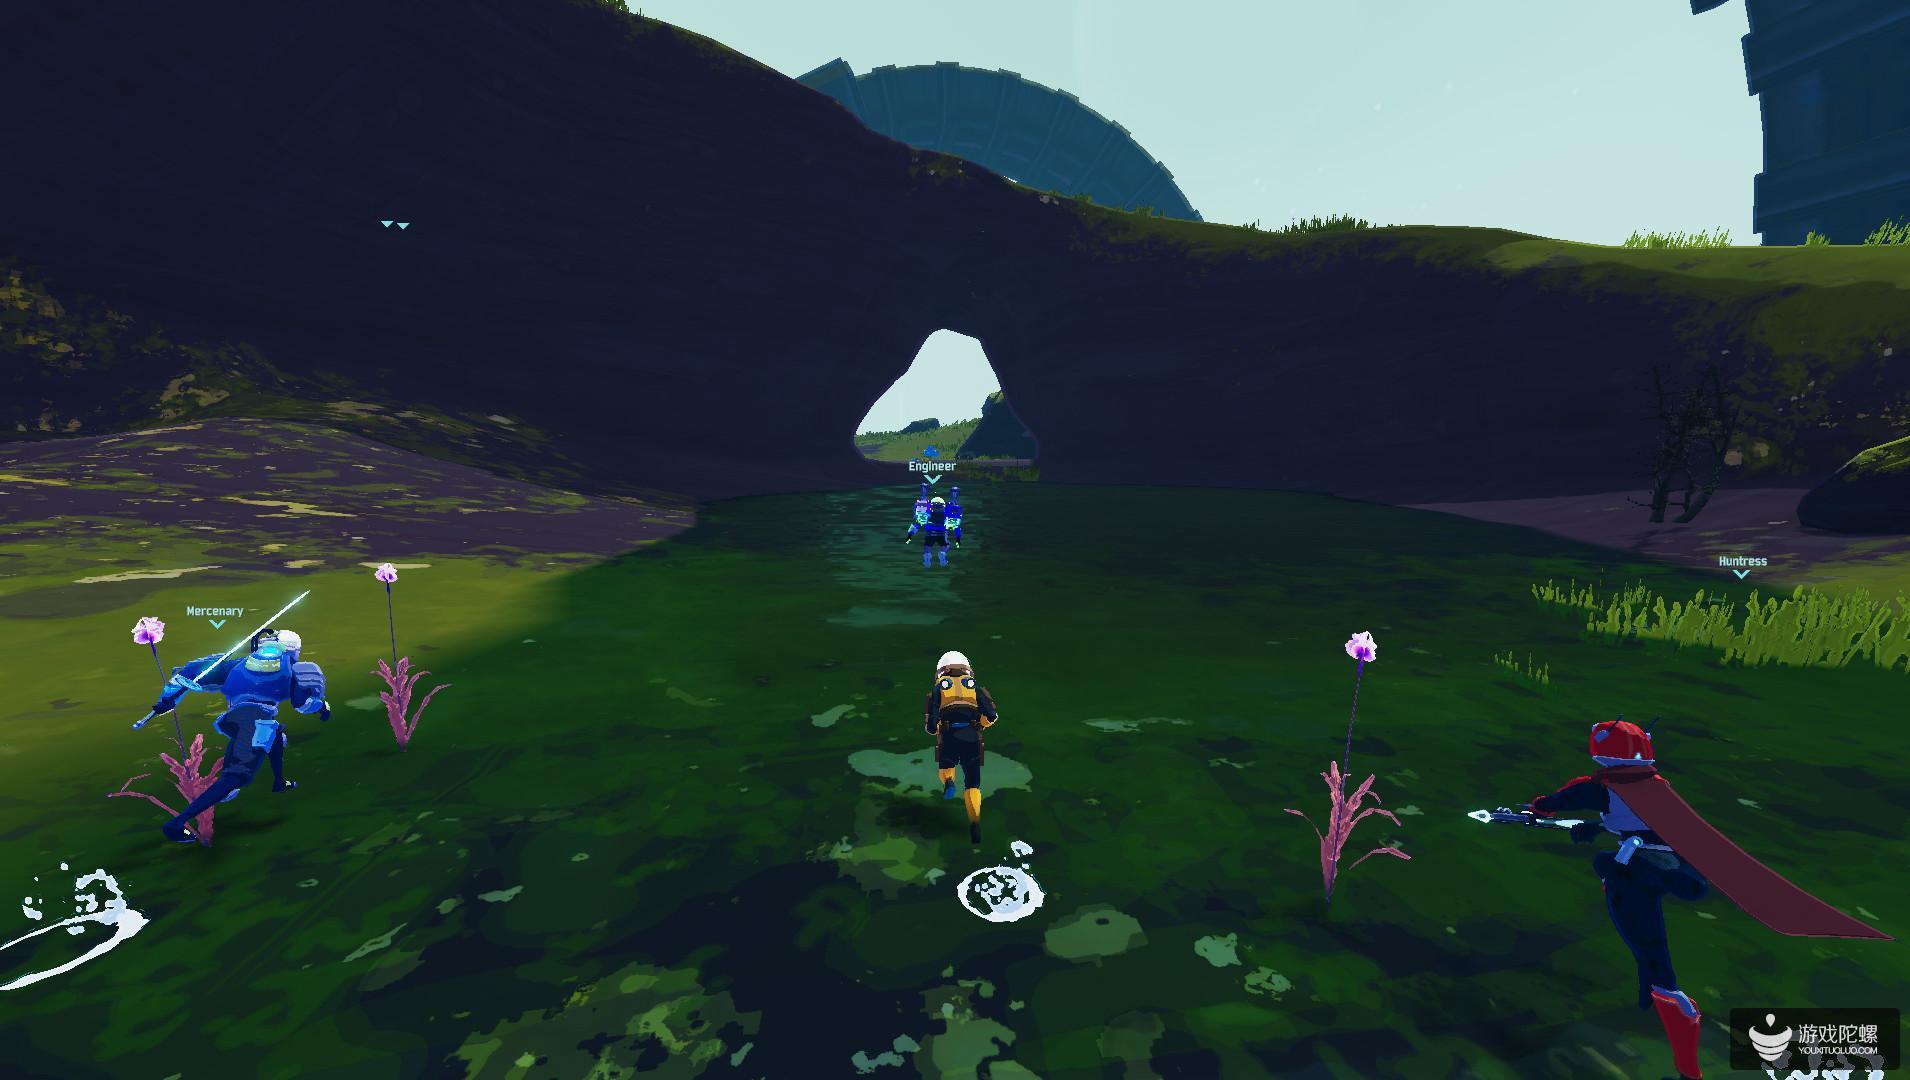 Steam周销量排行榜:《雨中冒险2》夺冠,《巫师3:狂猎》年度版排名第二